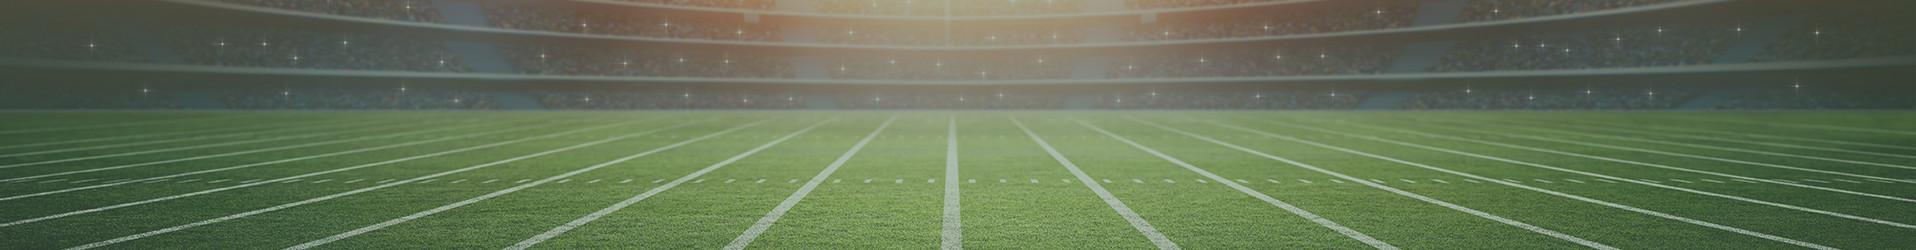 esports and fantasy sports